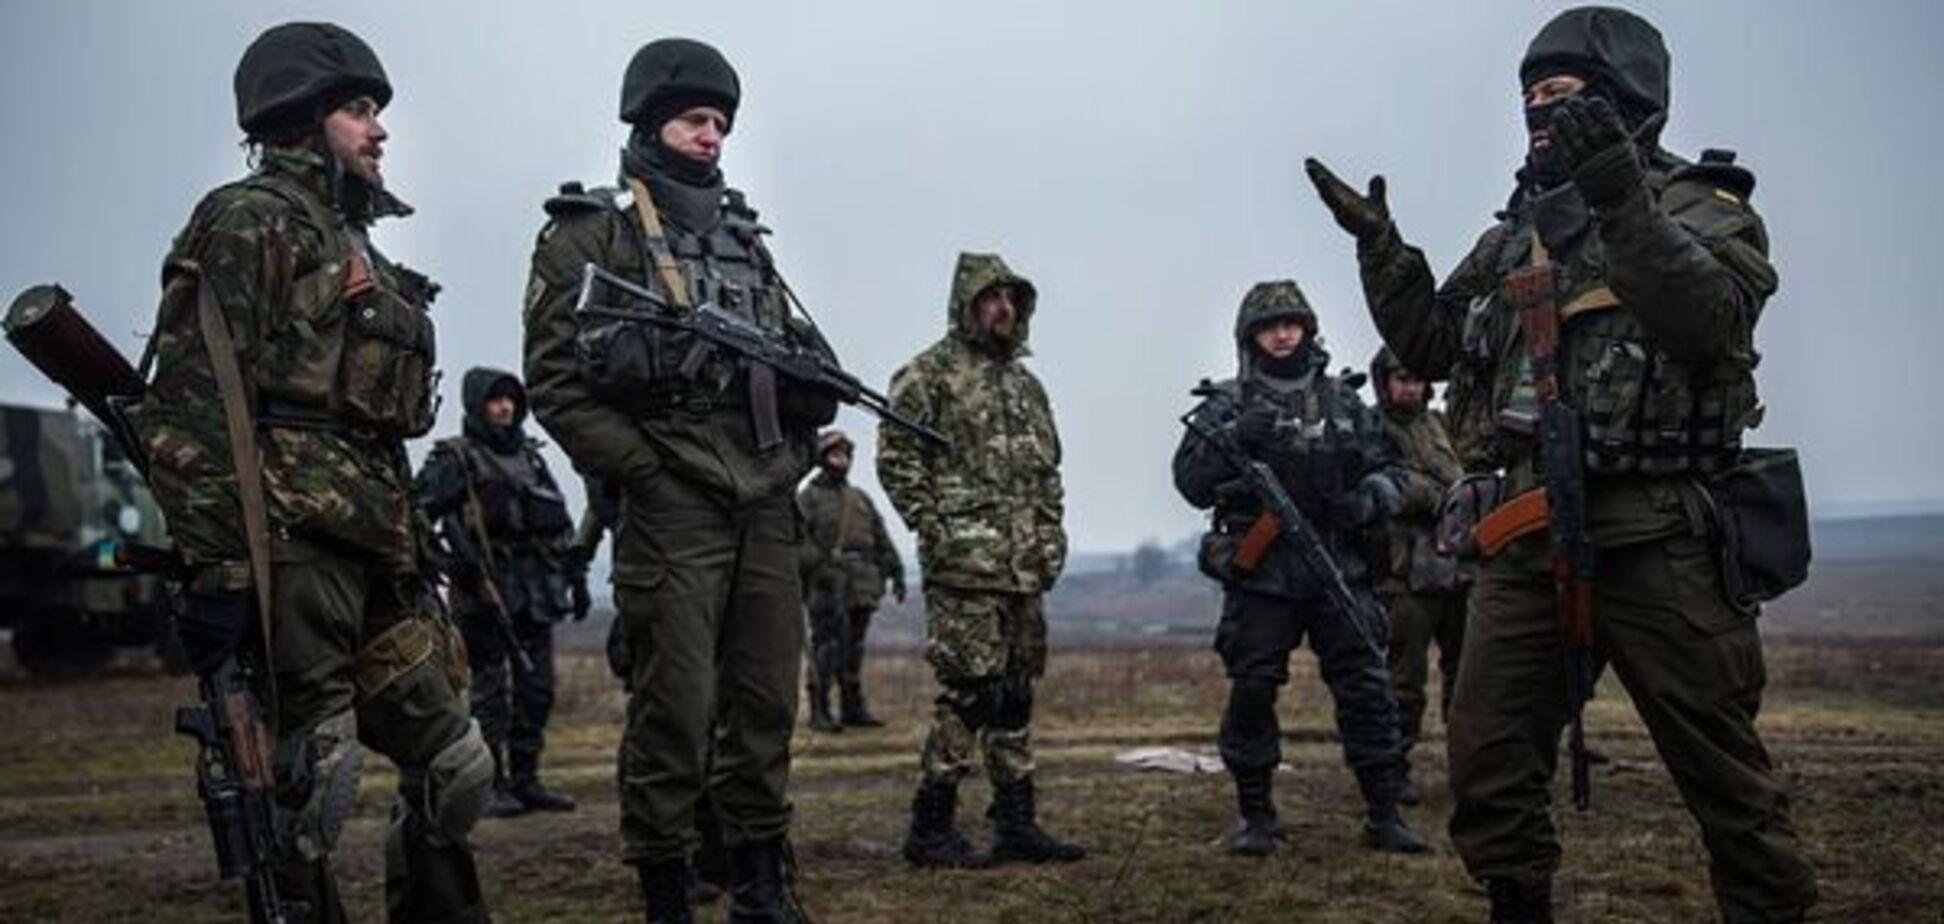 Война на Донбассе превращена в ад, территория передана под власть криминала